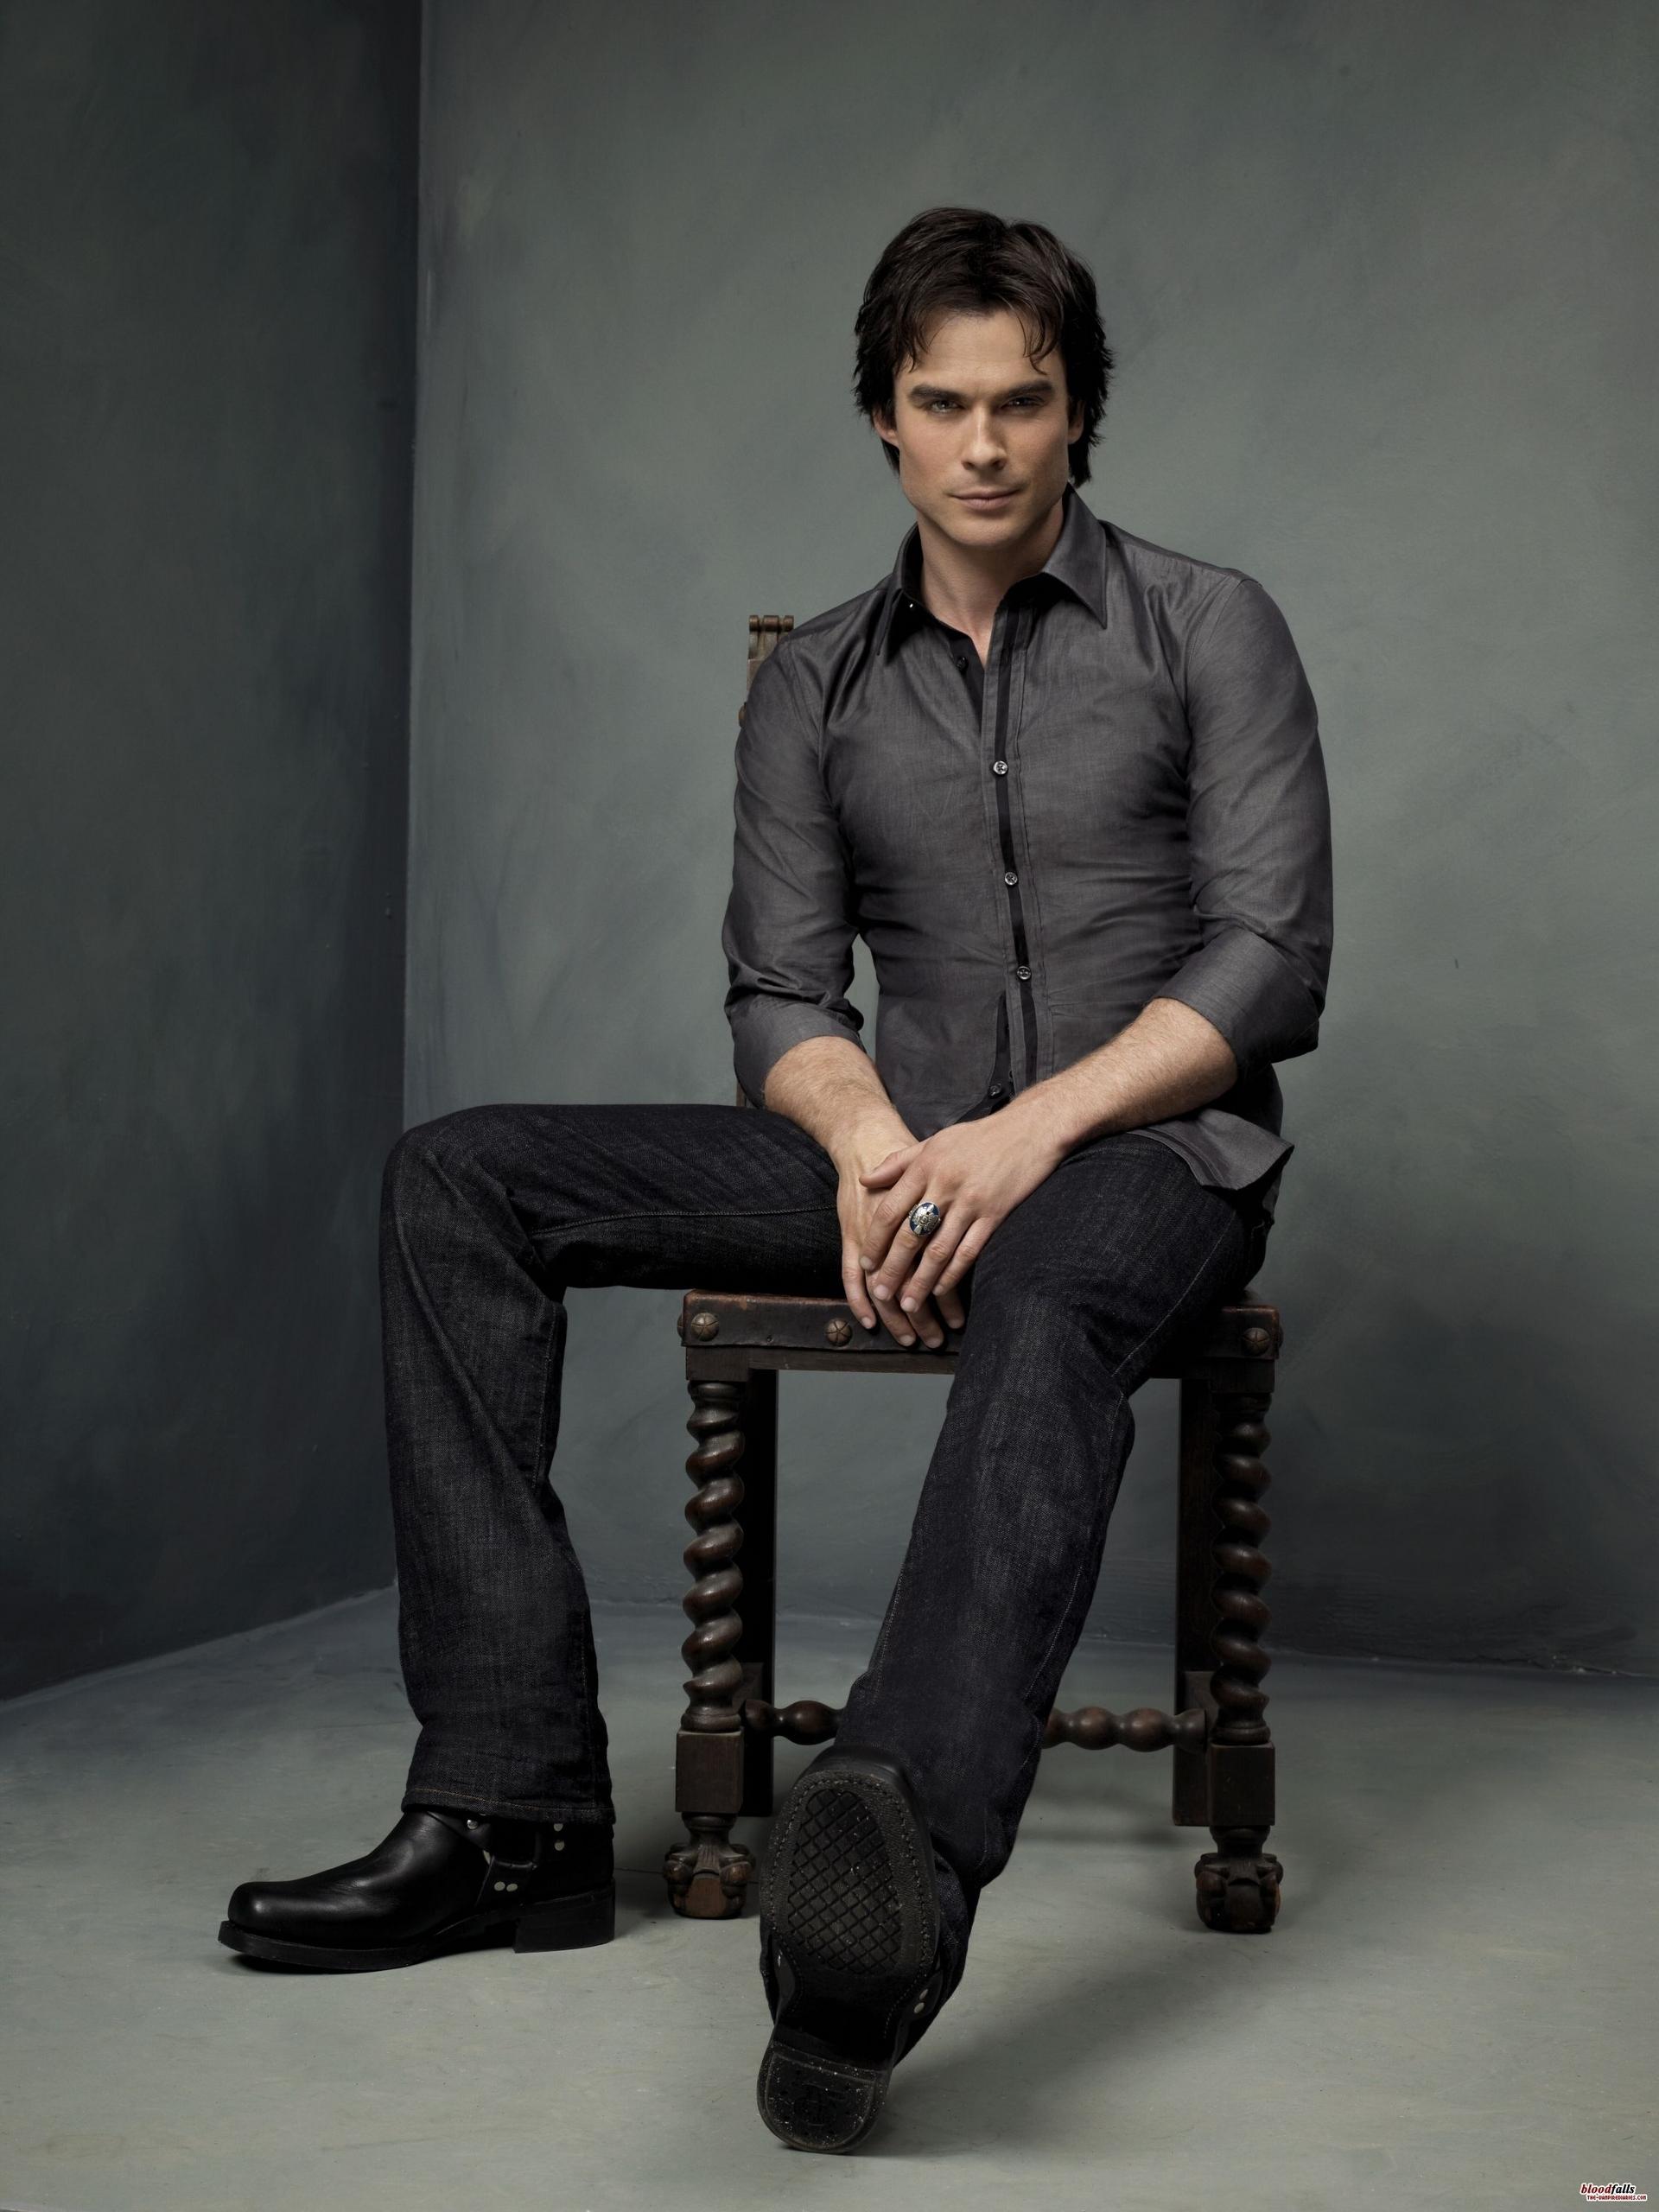 Damon Salvatore - Photoshoot (HQ)